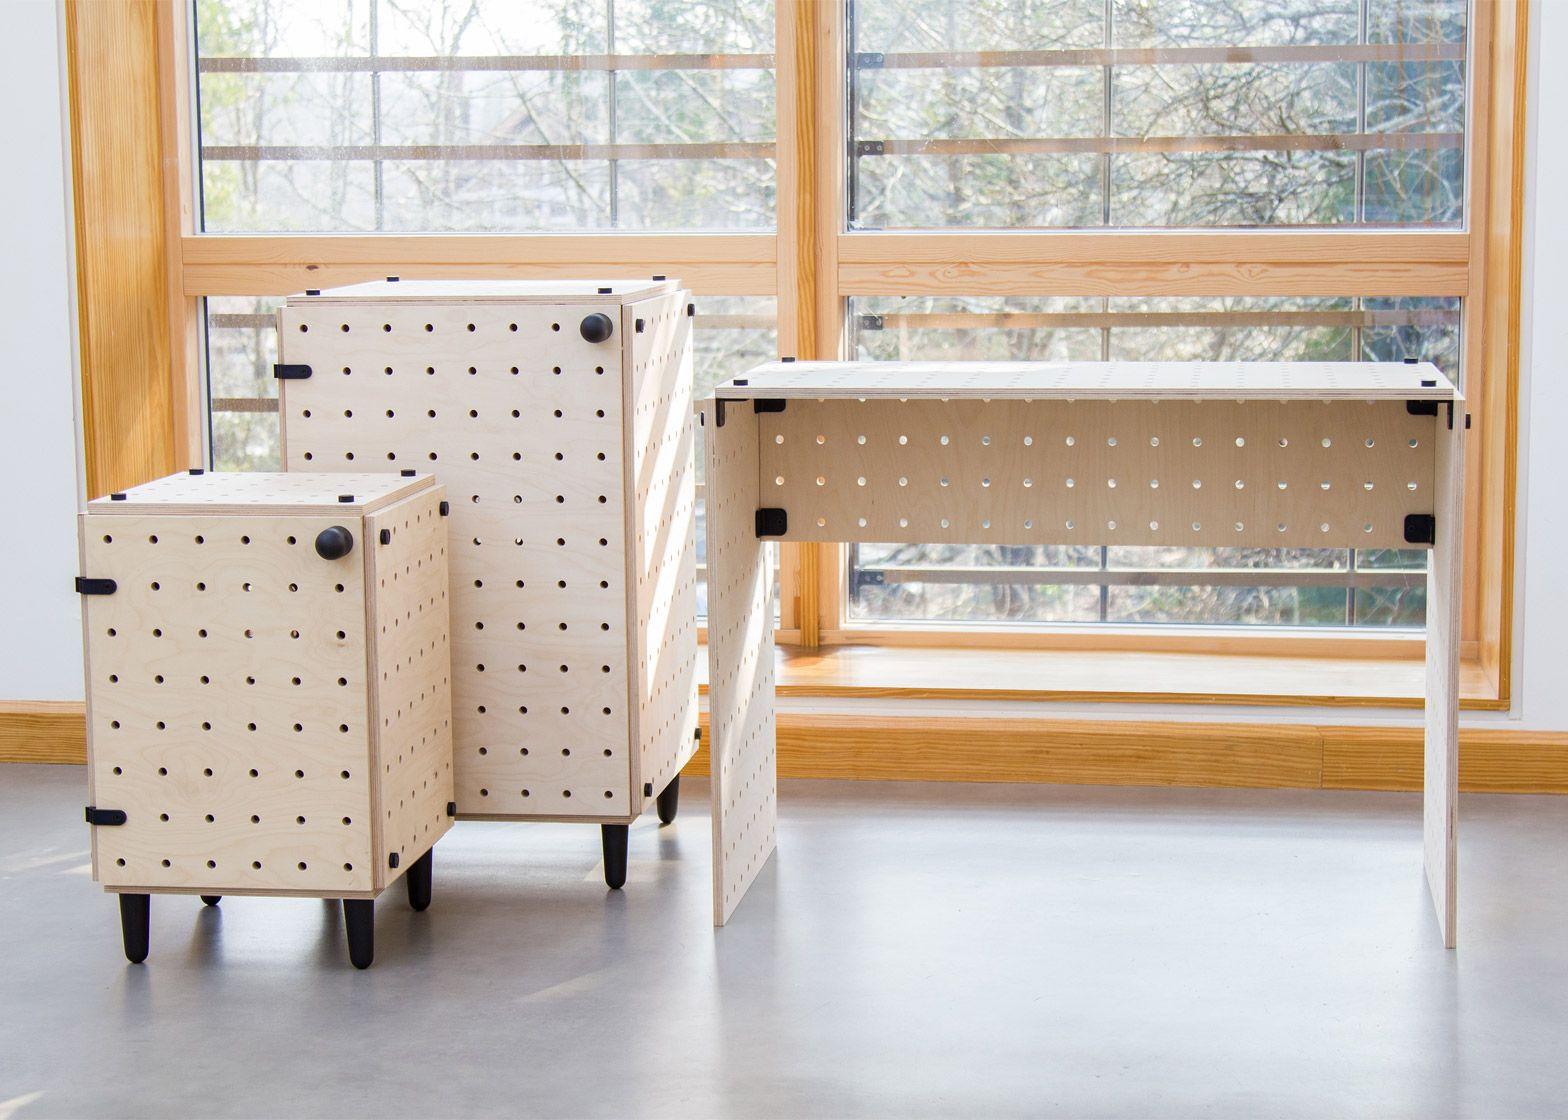 CRISSCROSS Furniture is raising funds for CRISSCROSS